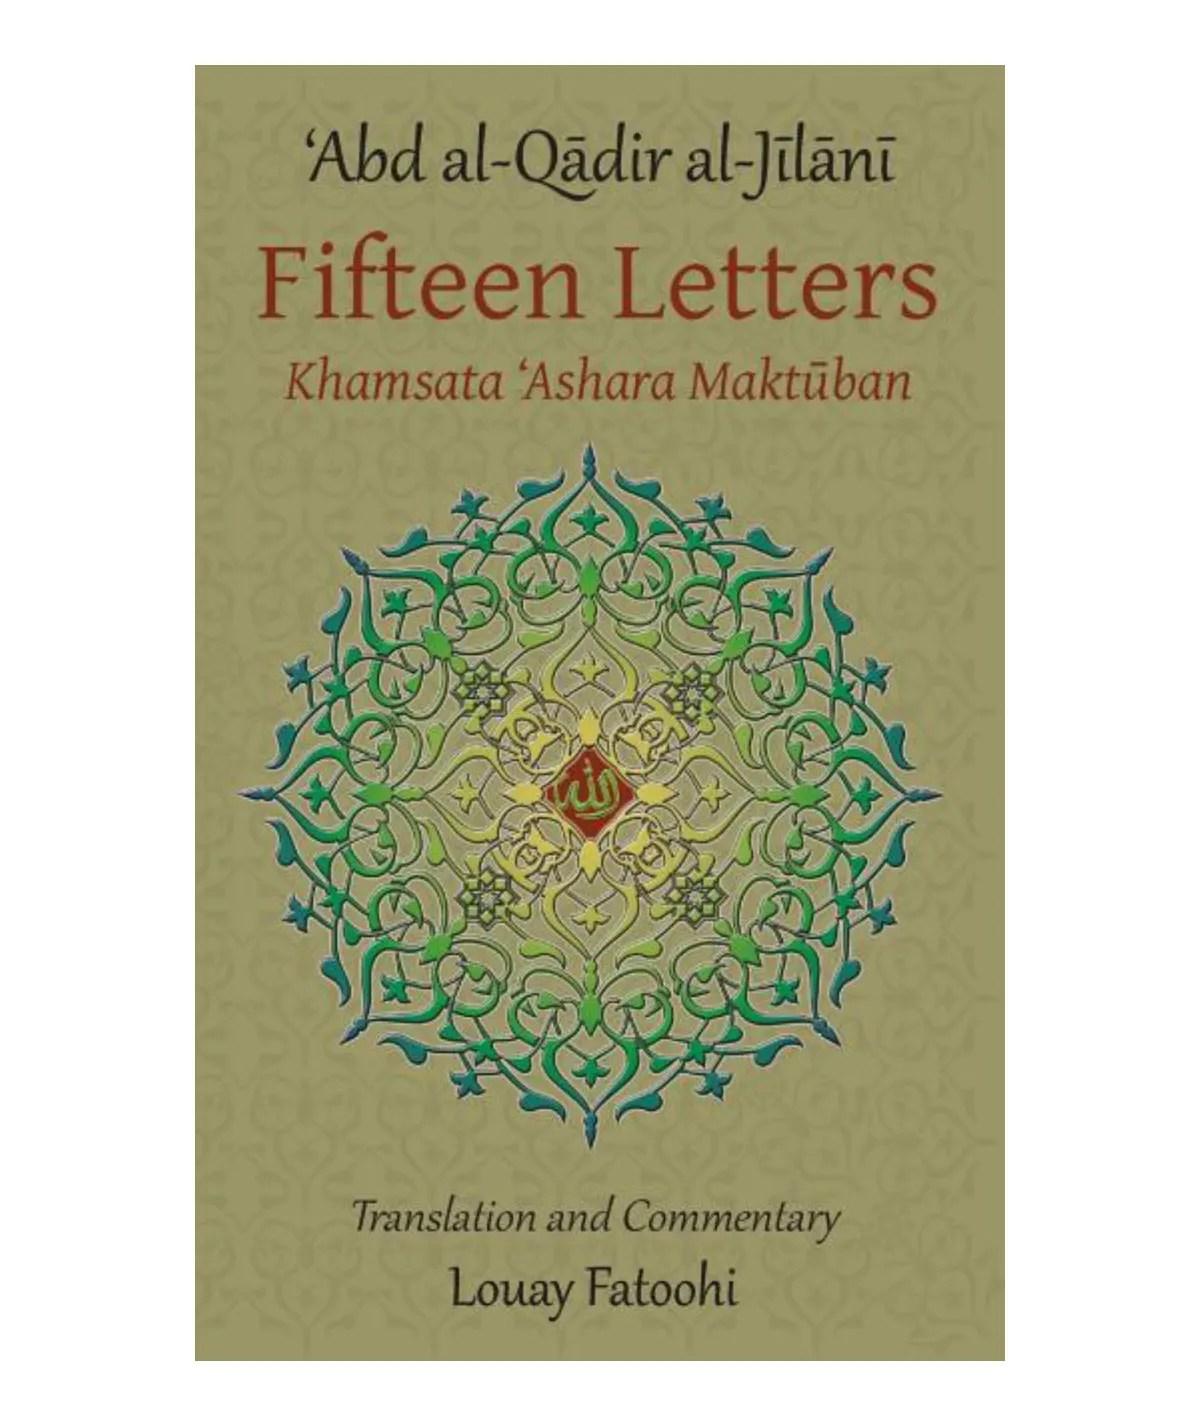 Fifteen Letters (Khamsata 'Ashara Maktuban): Al-Jilani, 'Abd Al-Qadir | Fatoohi, Louay